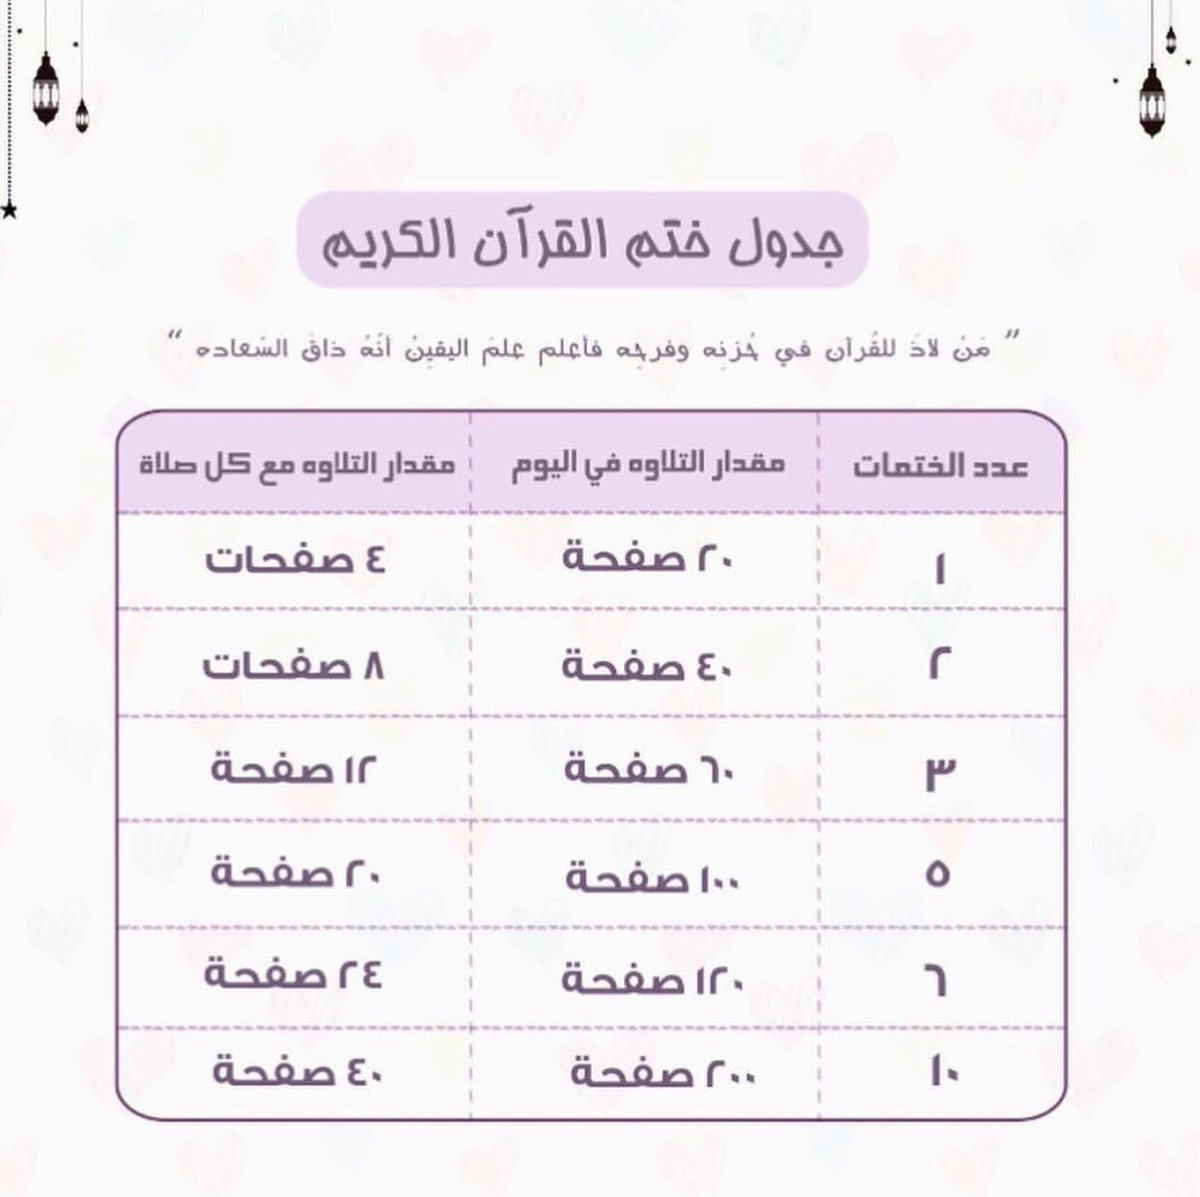 صورة ختم القران في رمضان , كيف تزيد عدد ختمات القران في رمضان